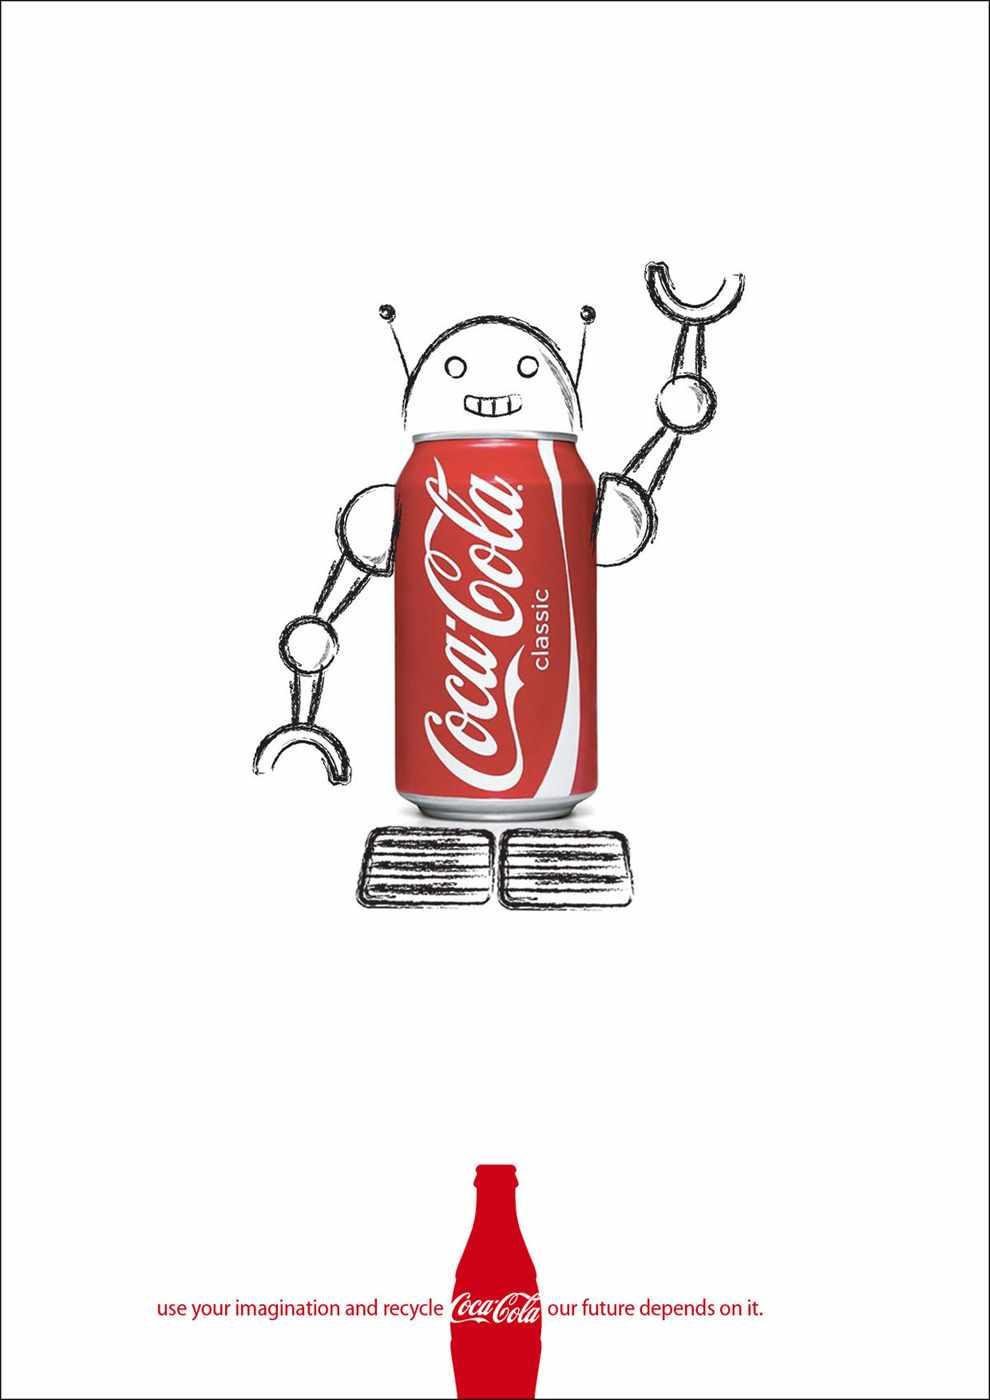 cokeclassic2